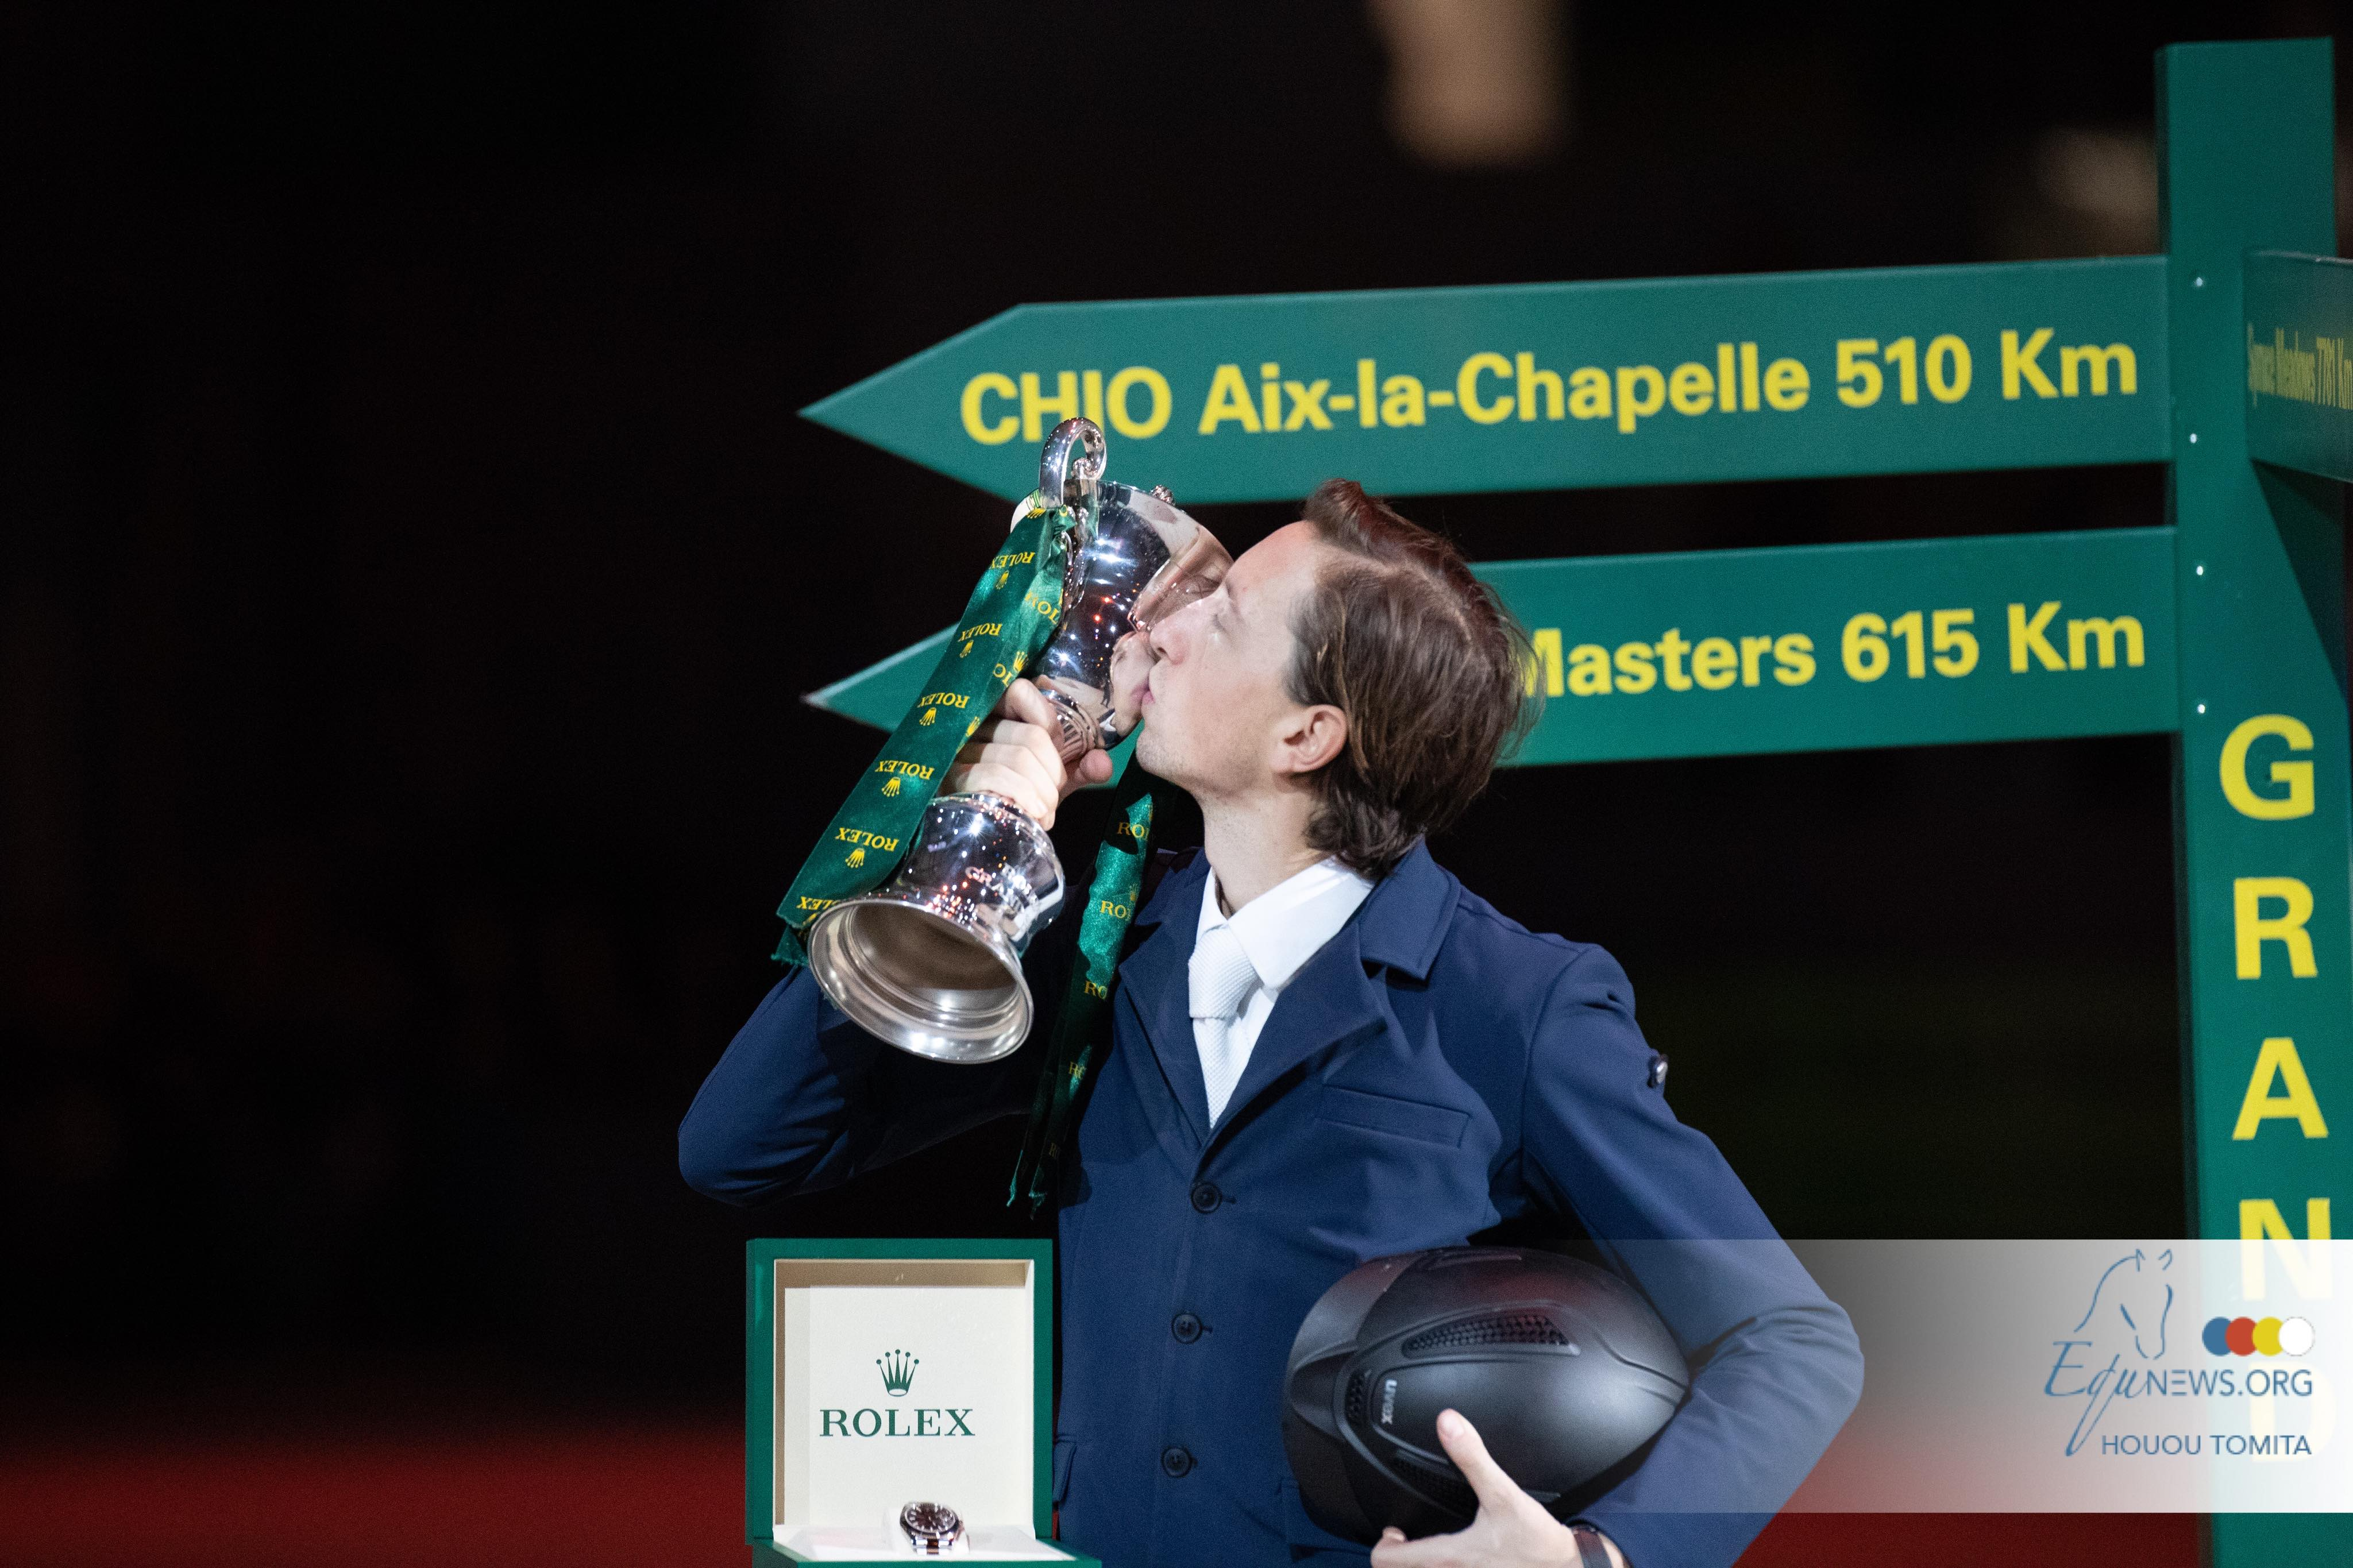 Martin Fuchs wins Rolex Grand Prix in Geneva